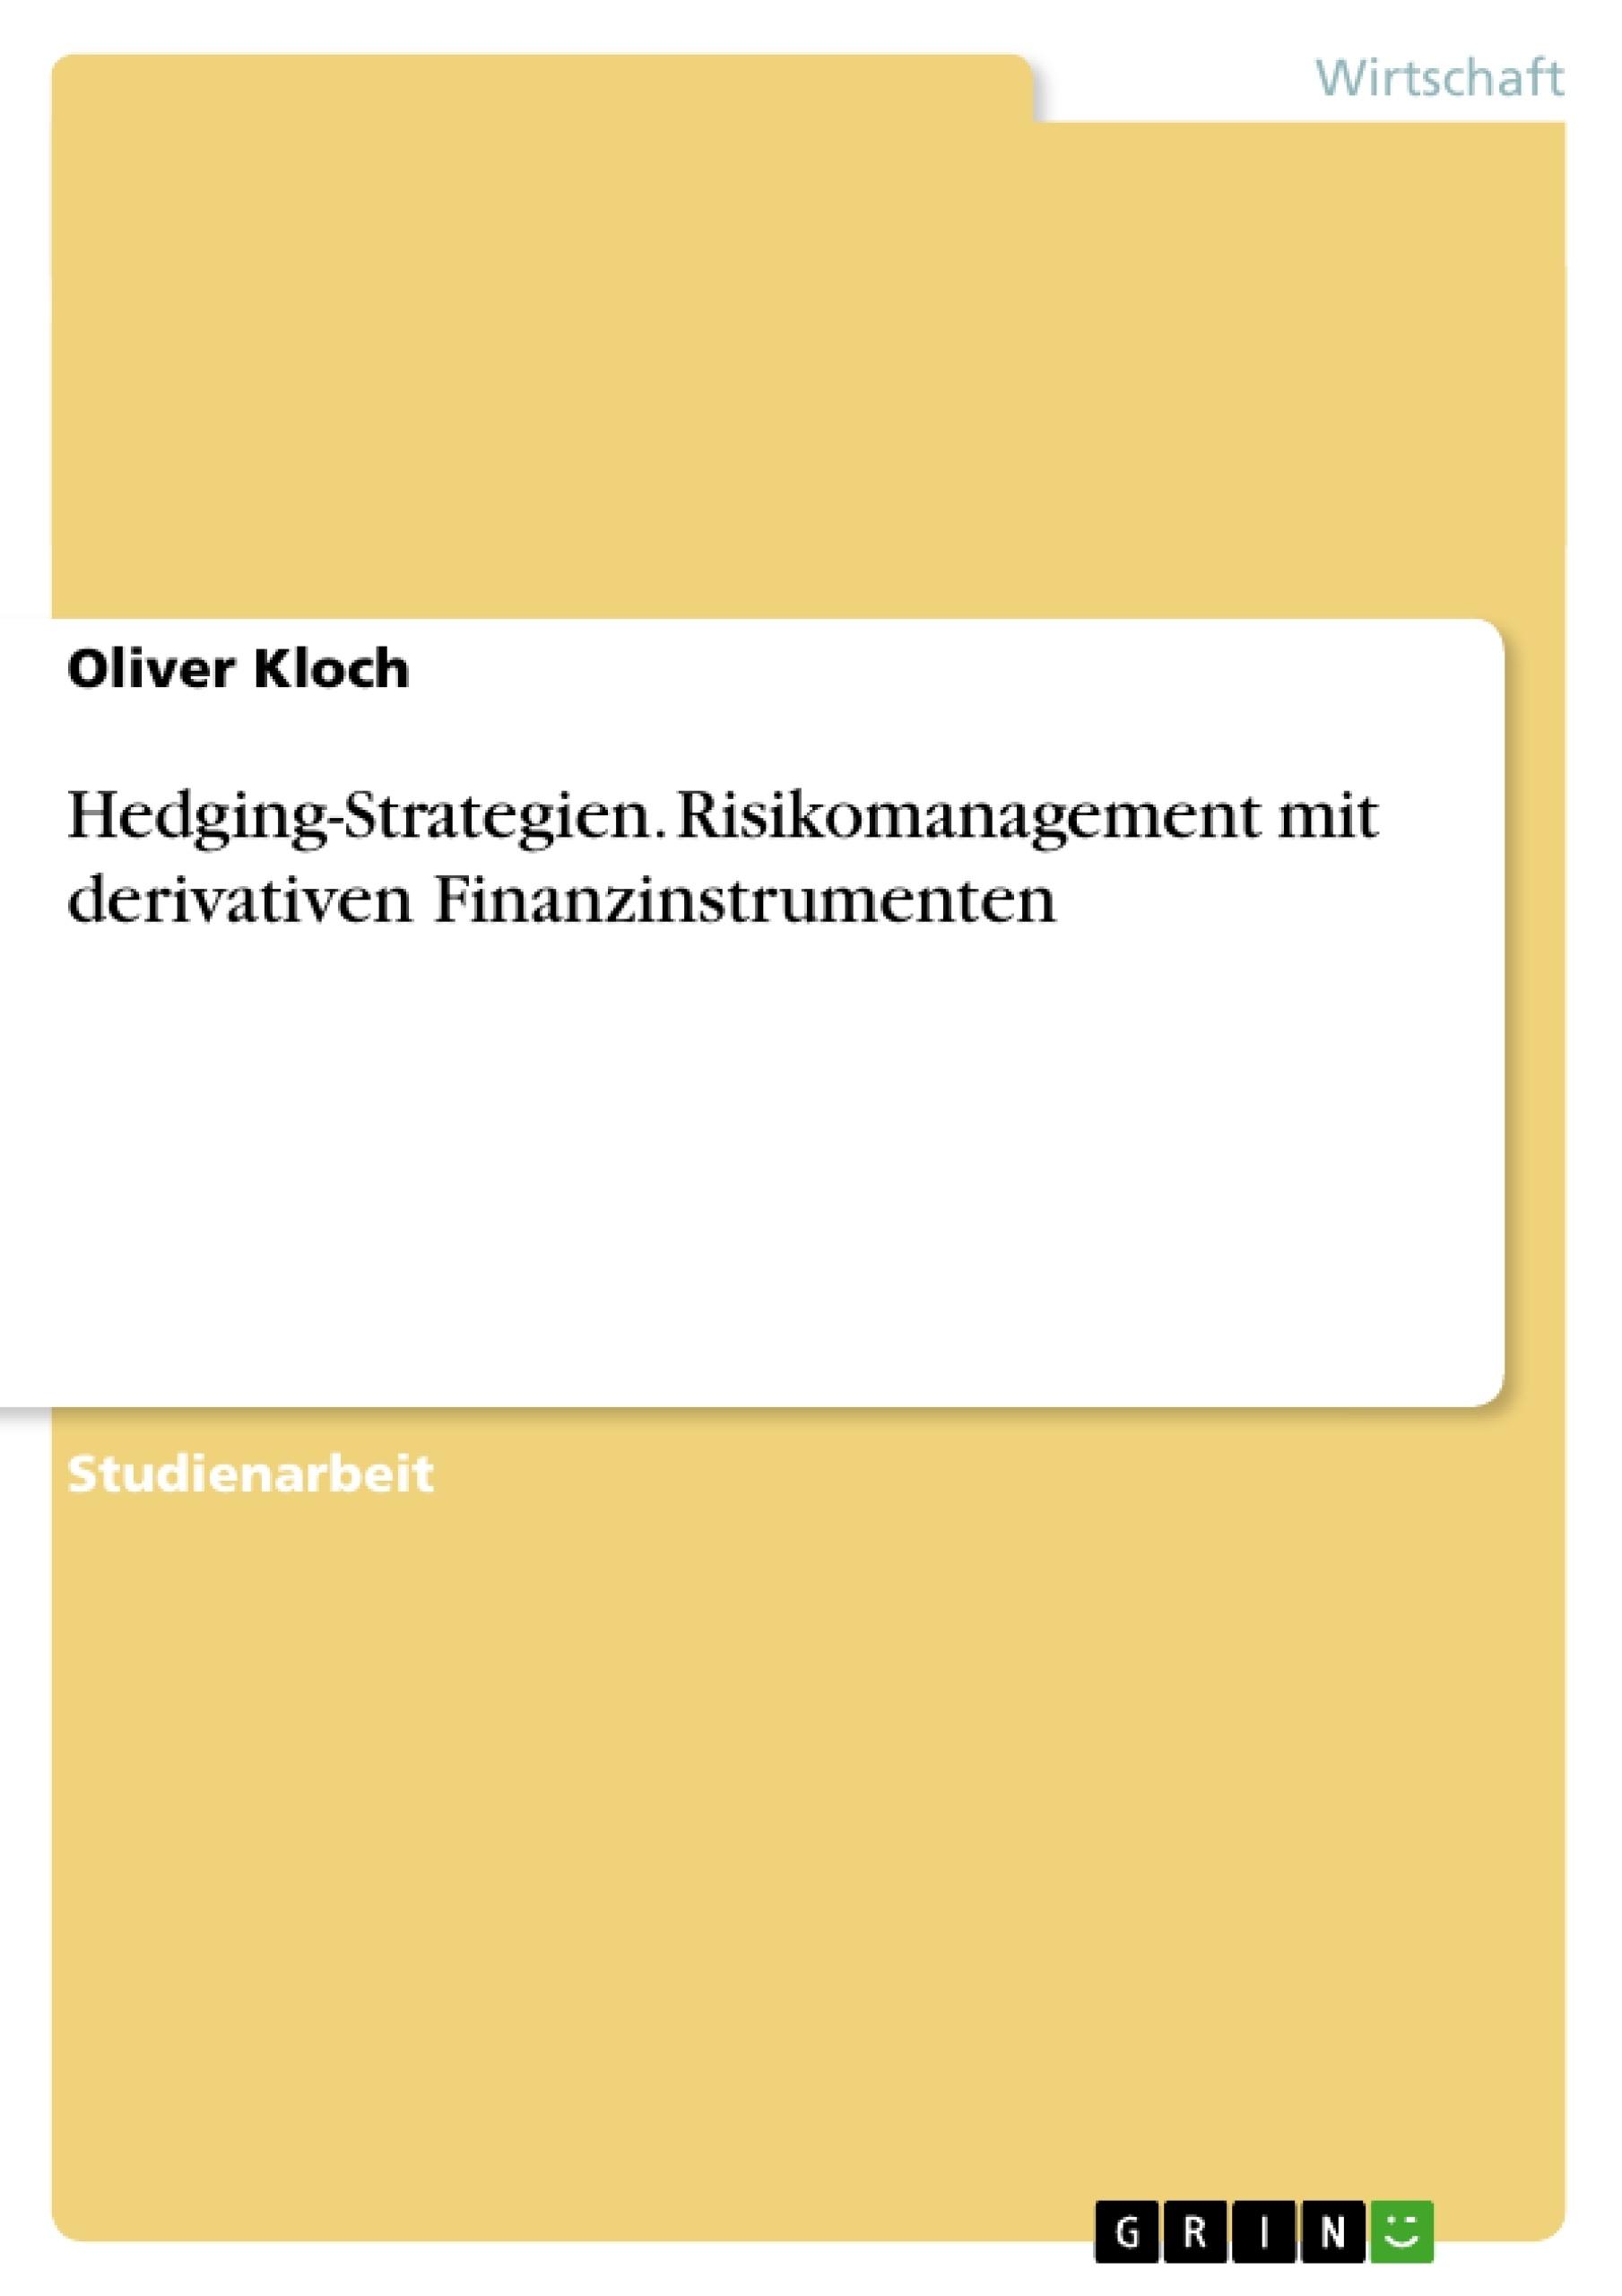 Titel: Hedging-Strategien. Risikomanagement mit derivativen Finanzinstrumenten